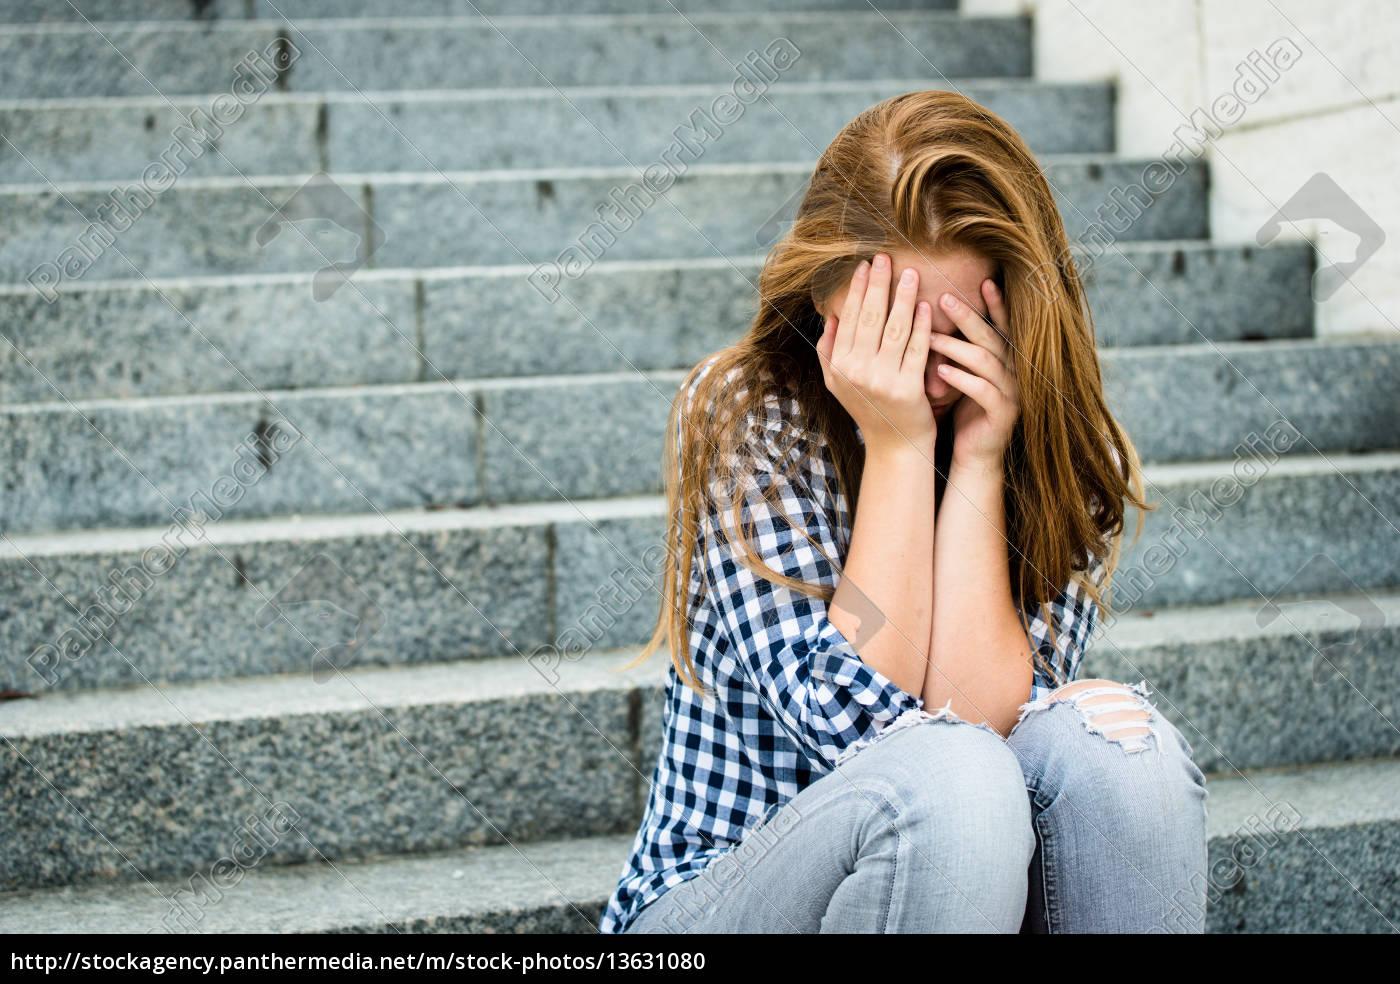 teenage, depression - 13631080